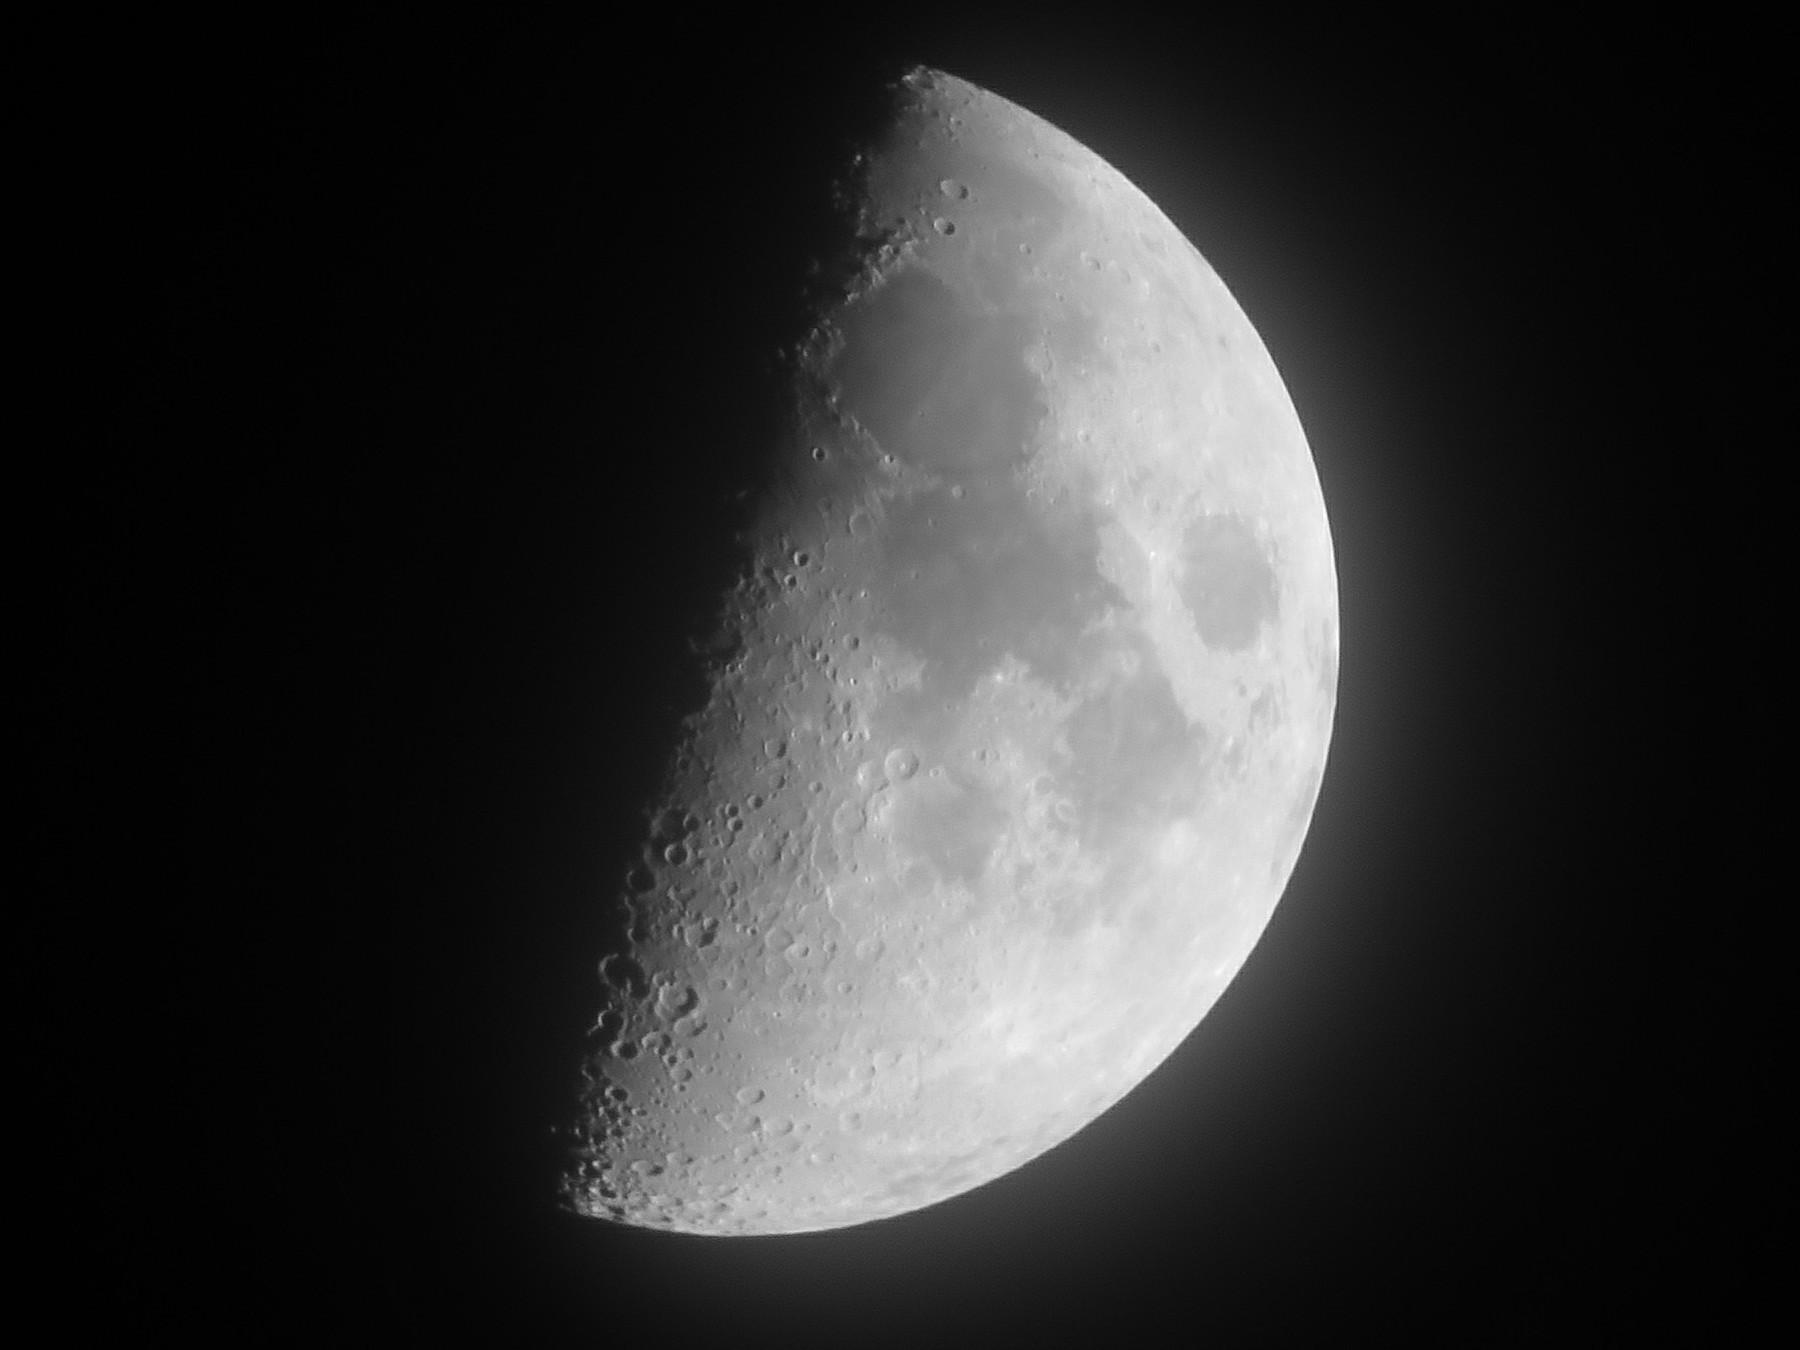 этом самые близкие фото луны семейном архиве